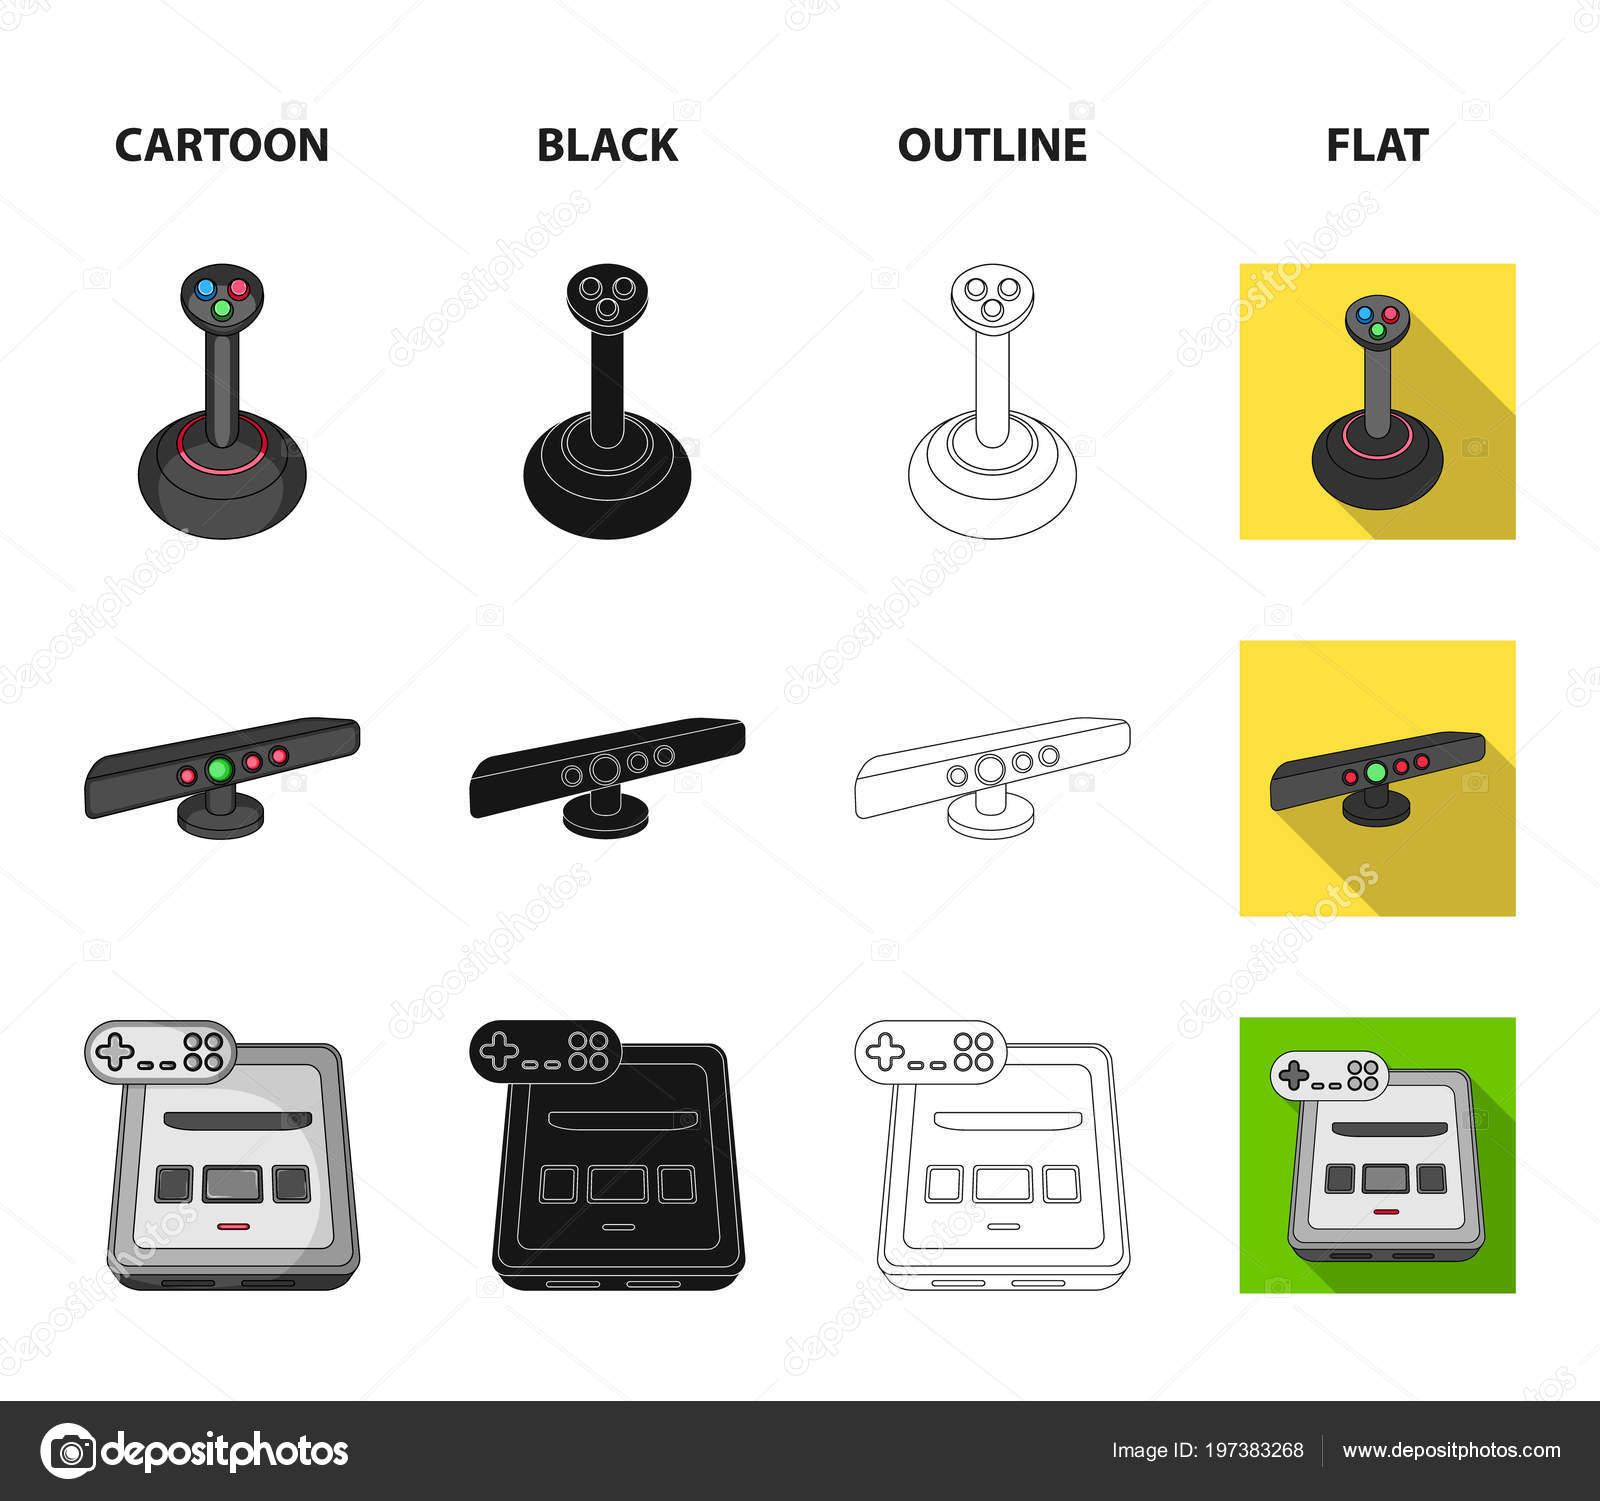 Jogo e Tv set-top box dos desenhos animados, preto, contorno